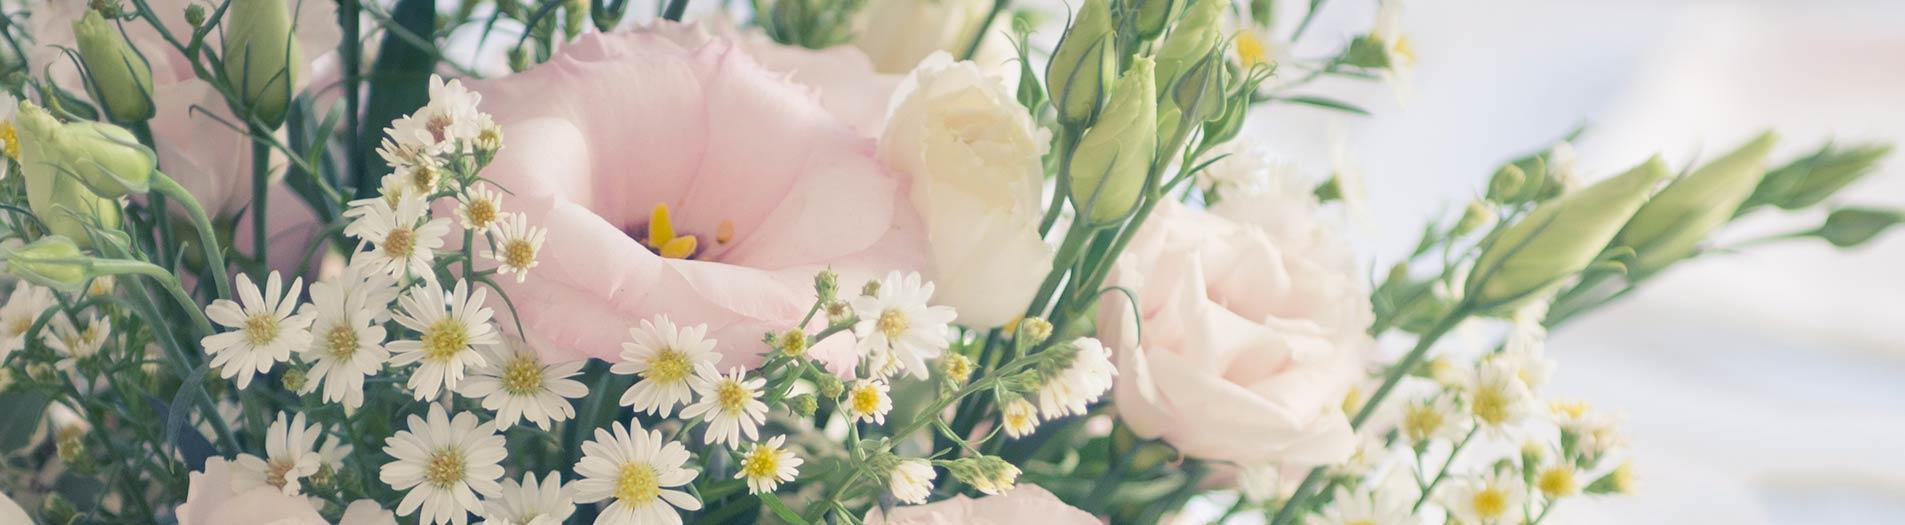 Fiori Matrimonio Rustico : Fiori matrimonio country chic